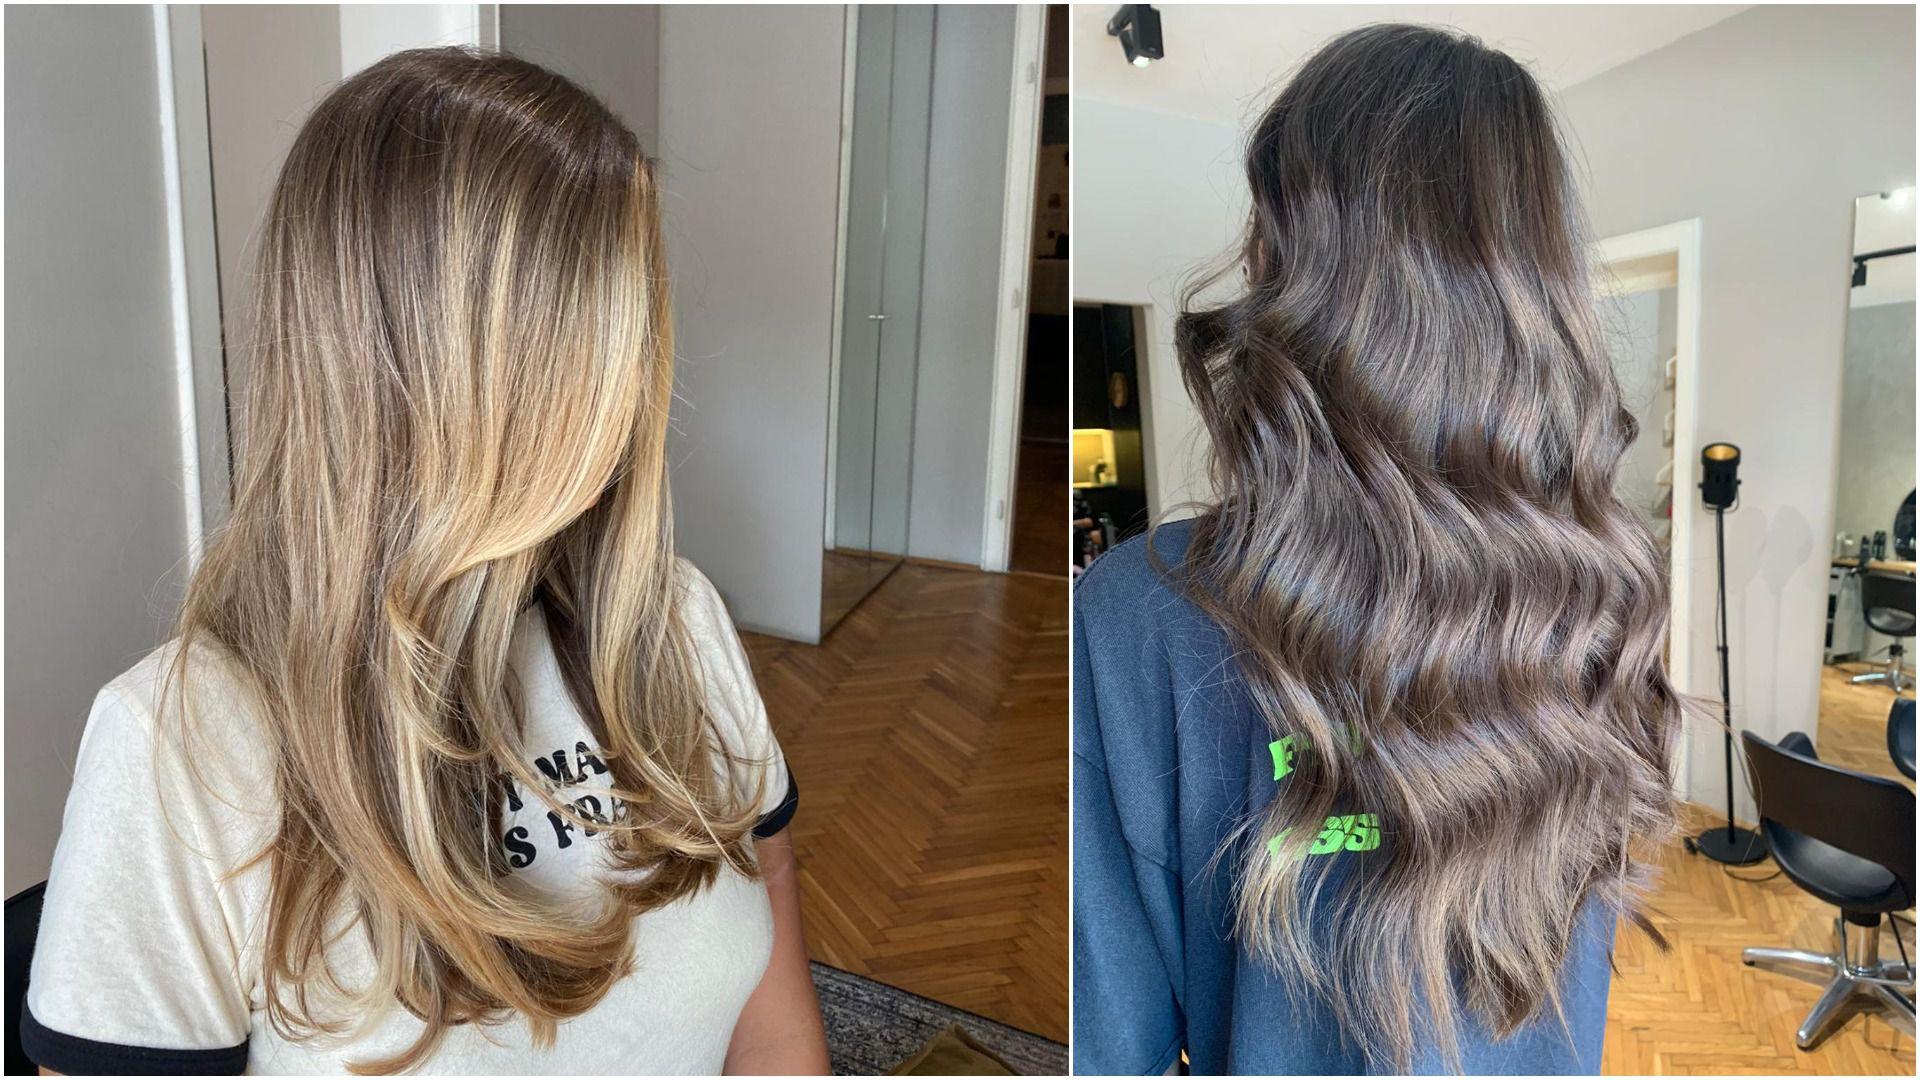 Želite promjenu, a nemate inspiracije za frizuru? Poslušajte savjete i ideje omiljenih zagrebačkih frizera